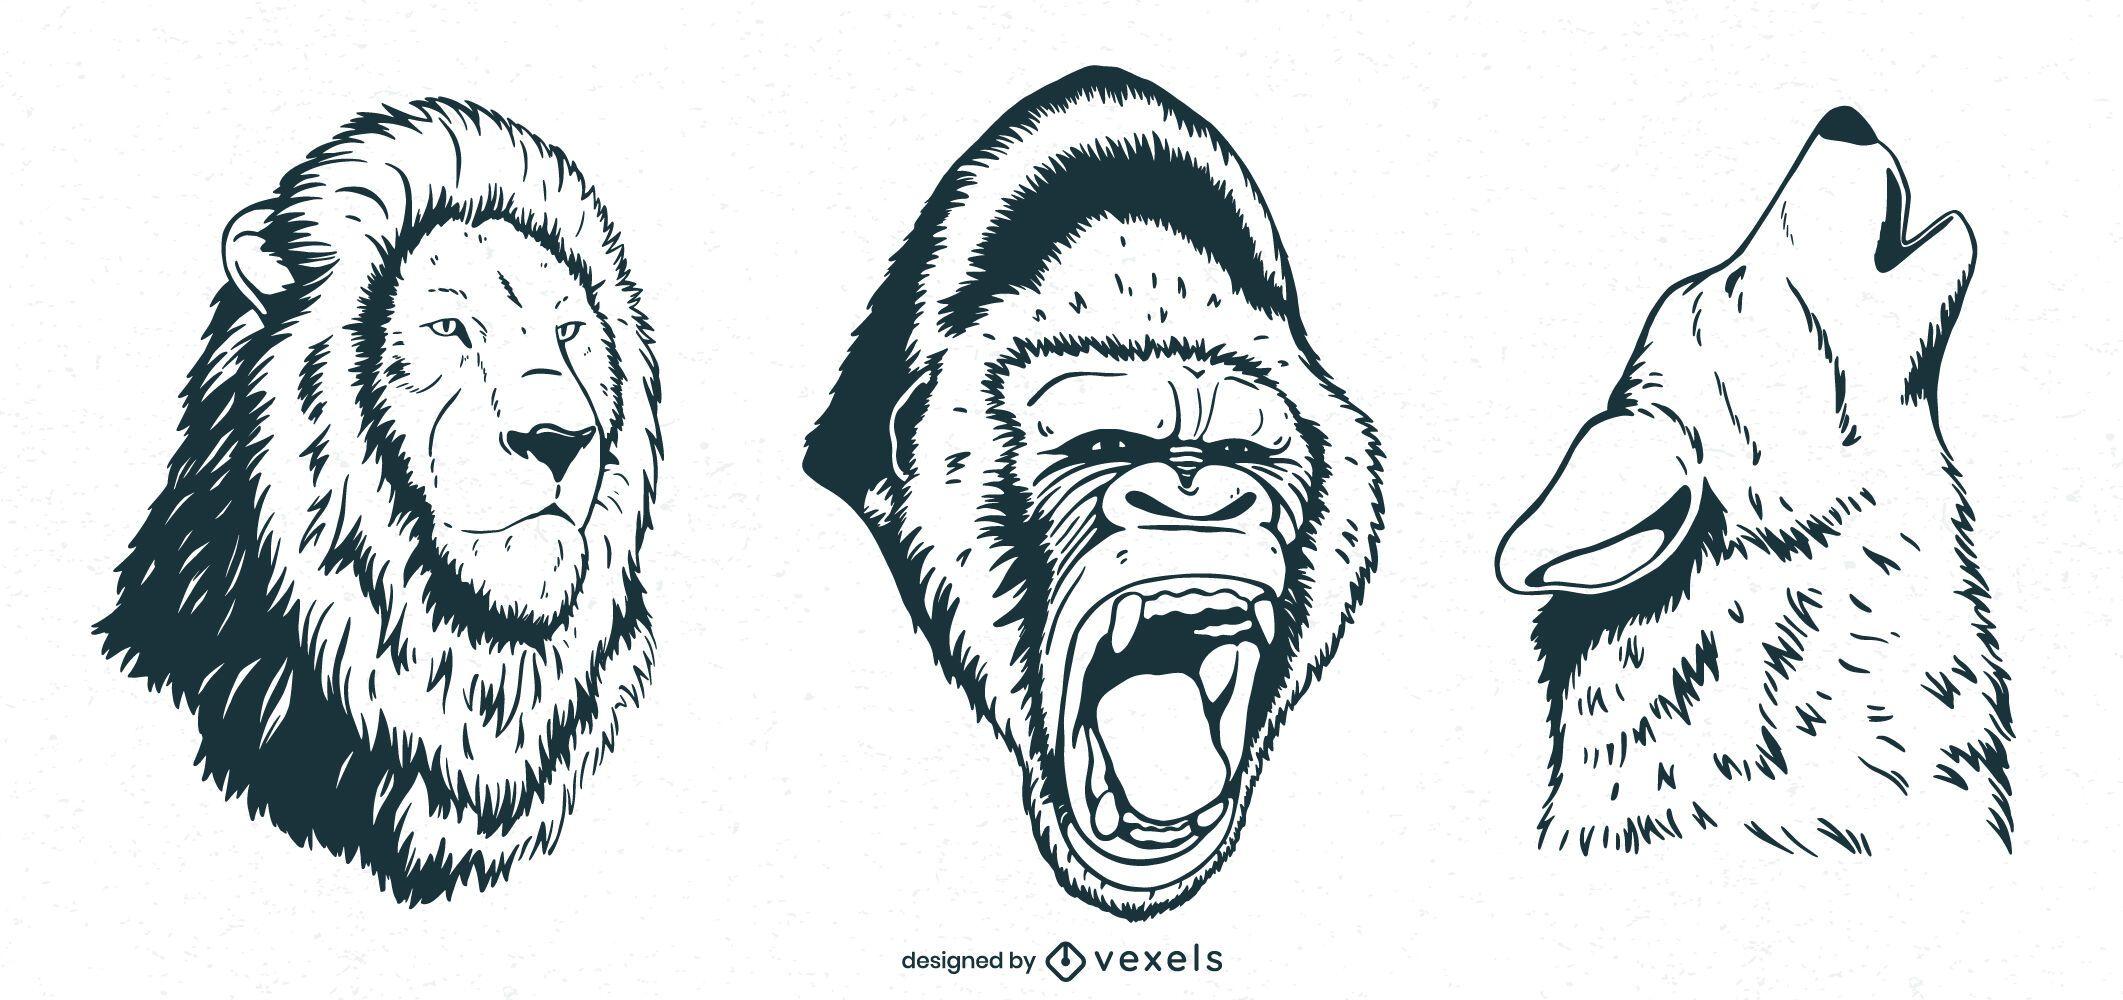 Diseño de escenografía de animales dibujados a mano